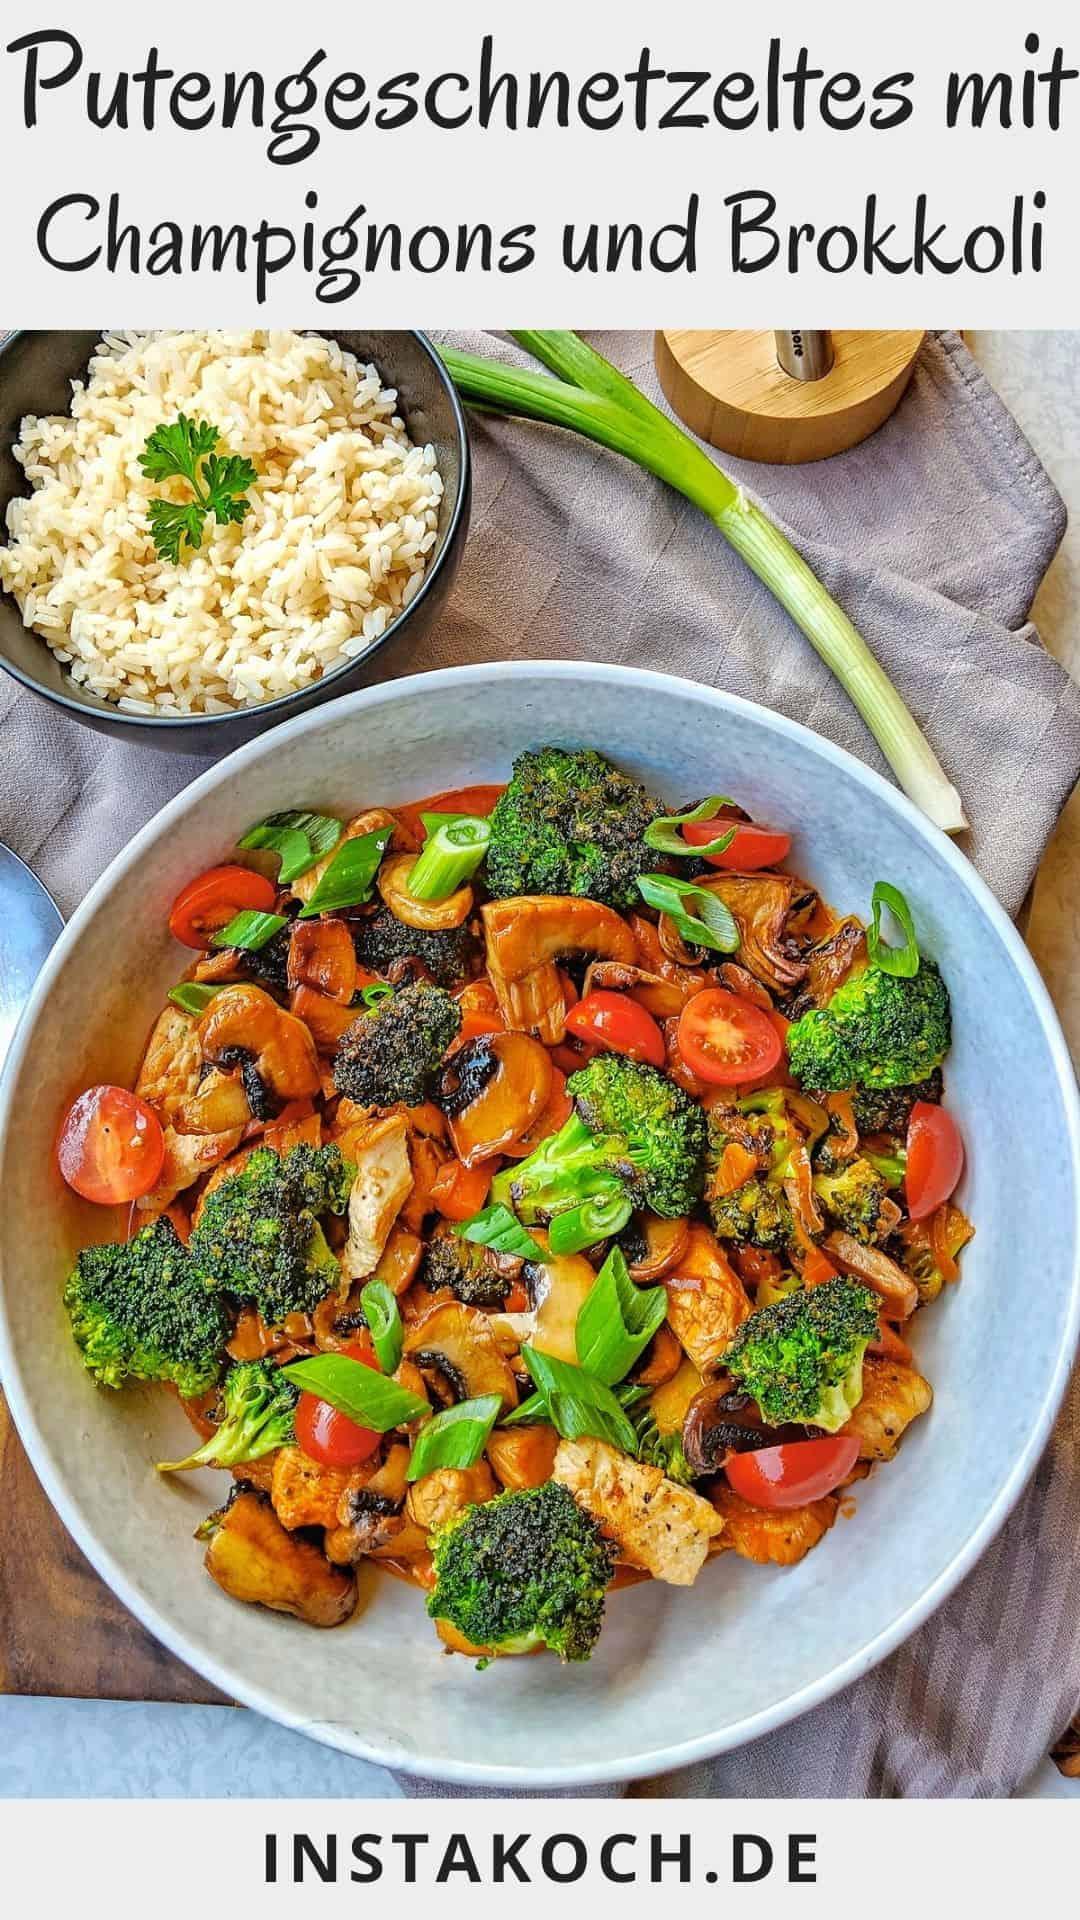 Ein tiefer Teller mit Putengeschnetzeltes mit Champignons und Brokkoli. Dahinter ein Schälchen mit Reis.